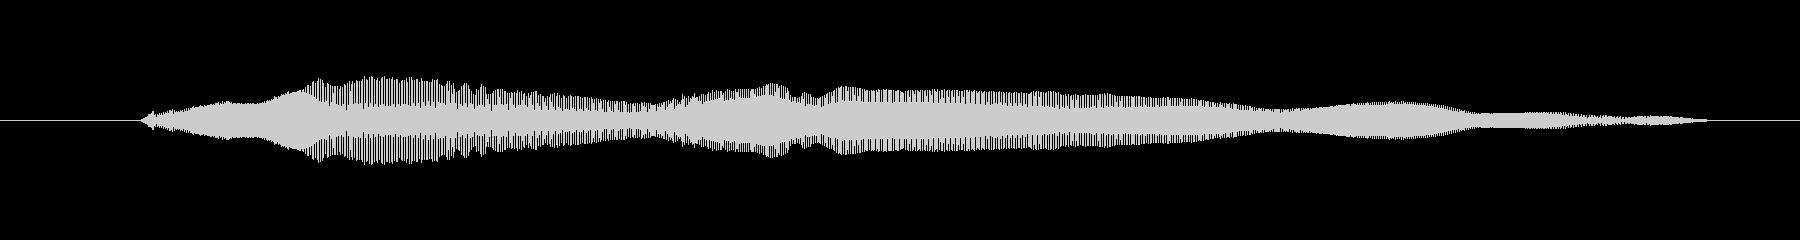 ドワーフ 応援ヤアフ01の未再生の波形